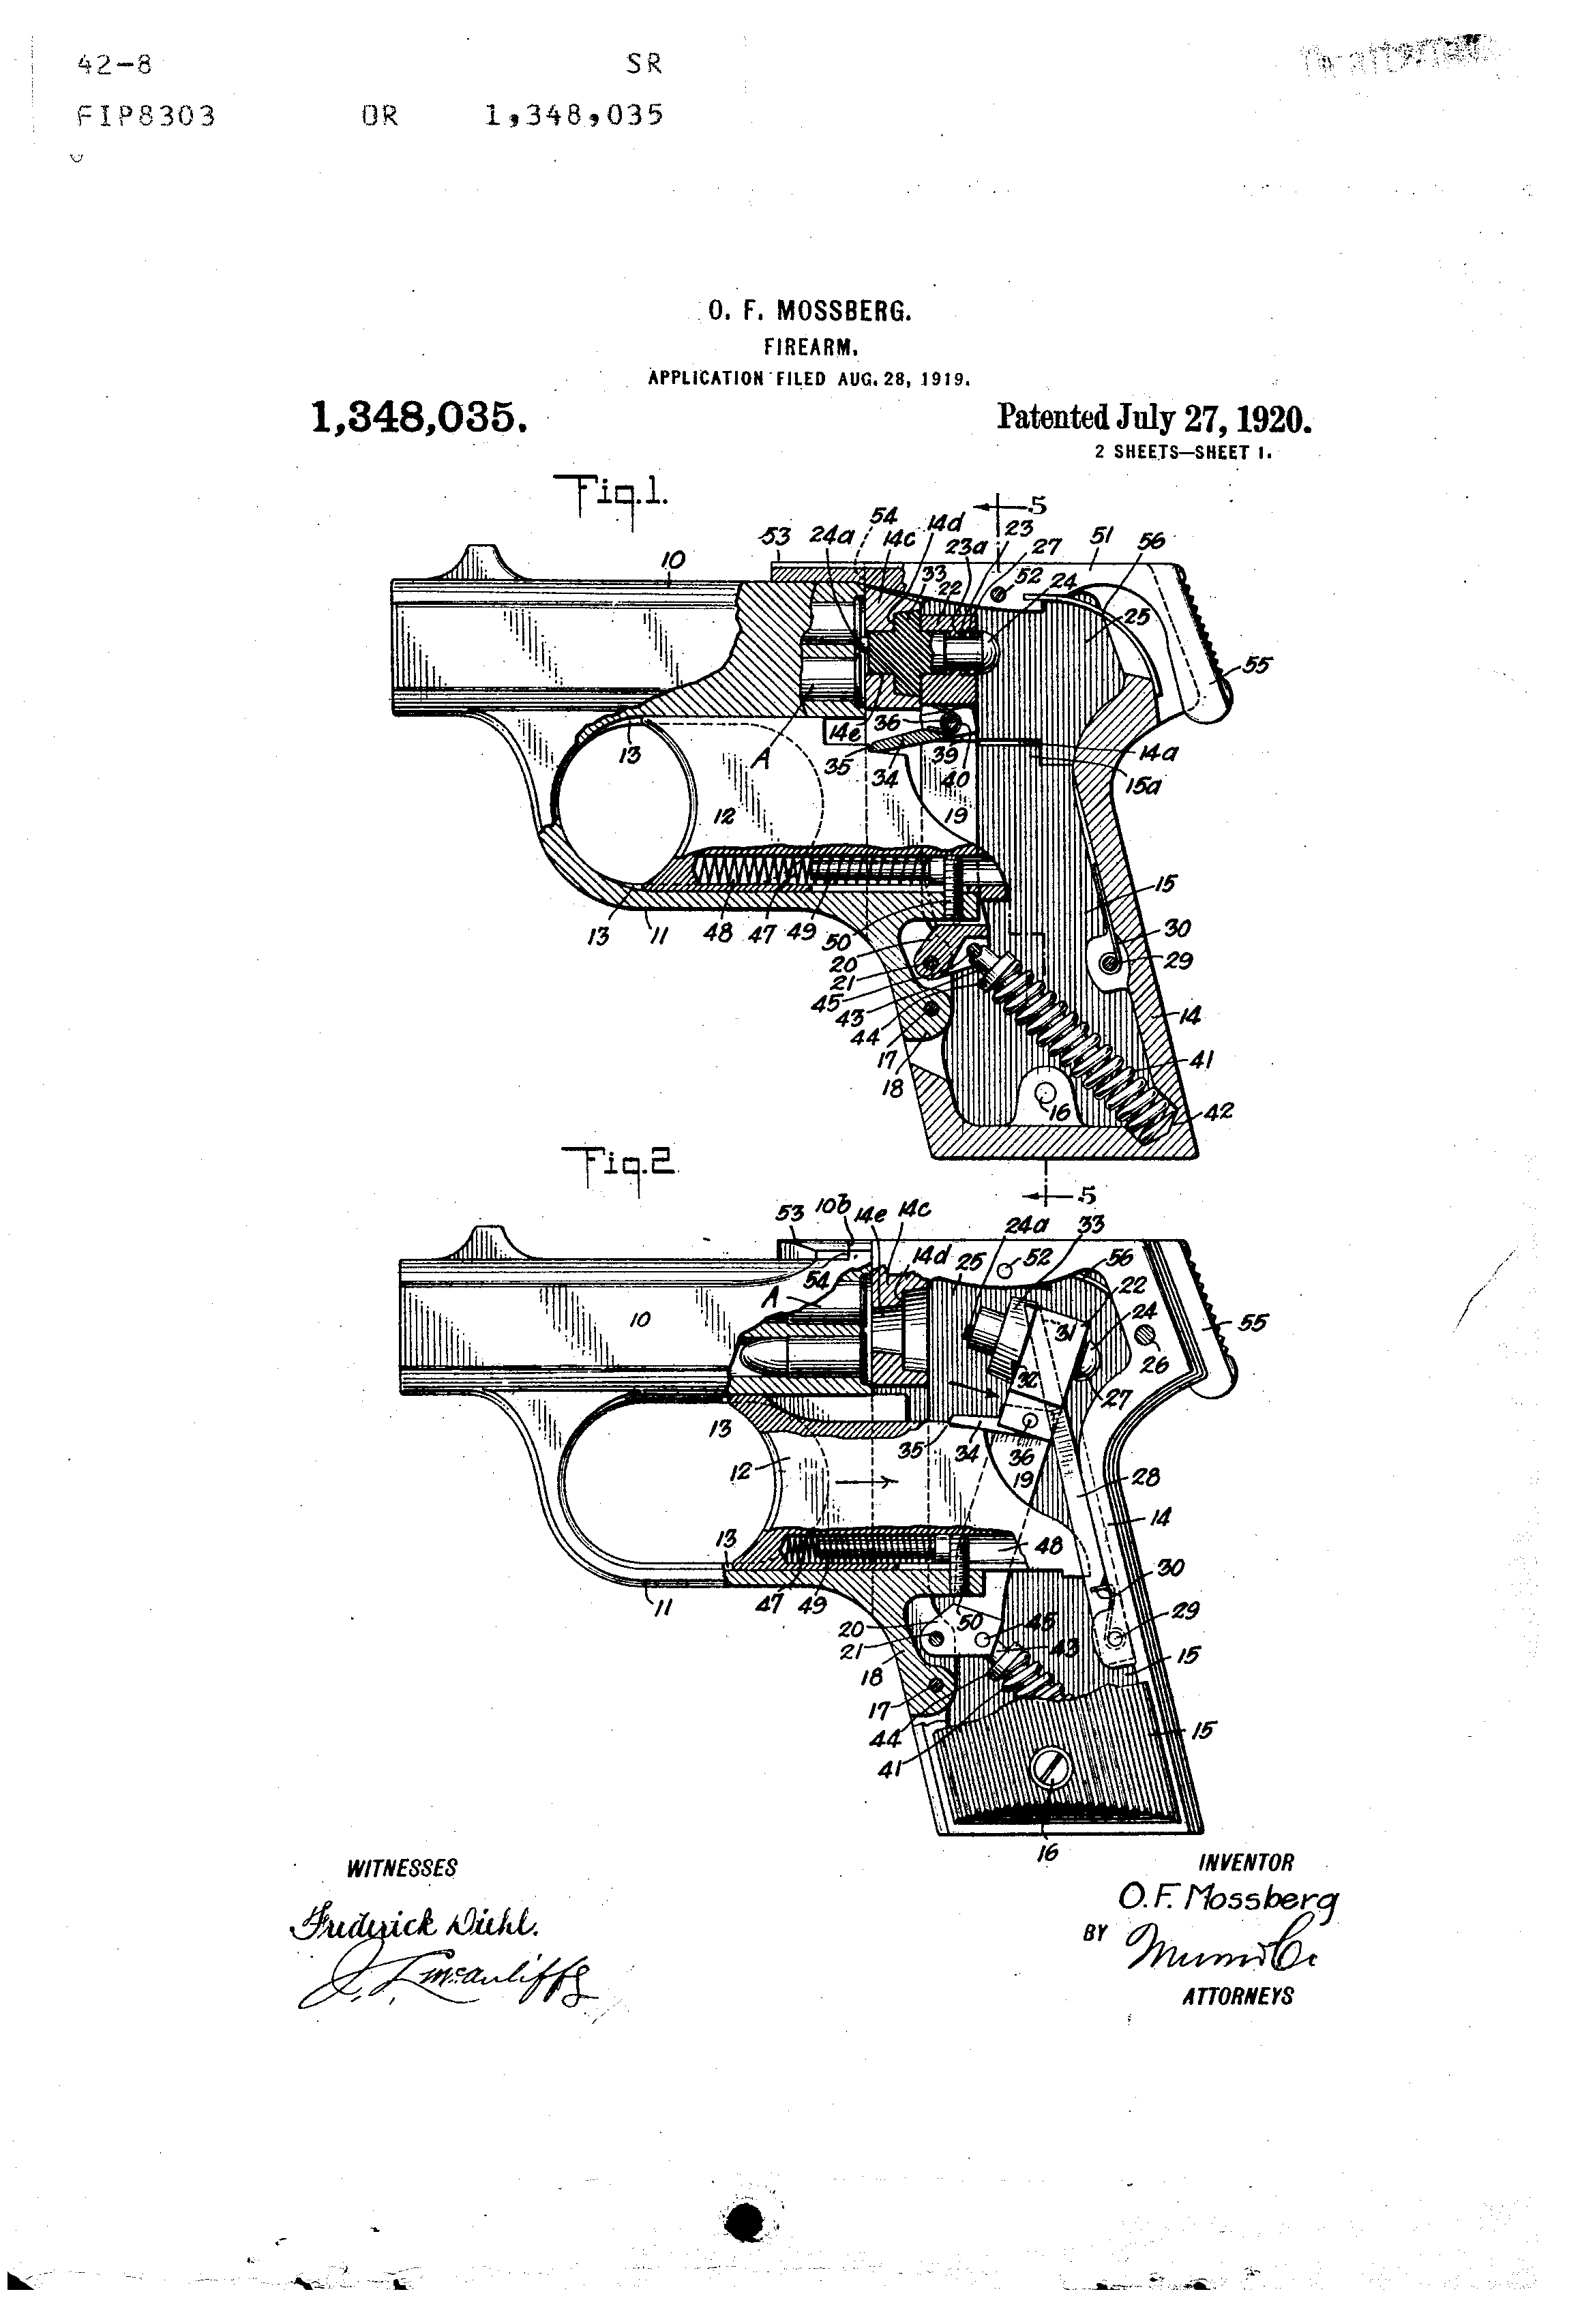 Technische Zeichnung Pistole